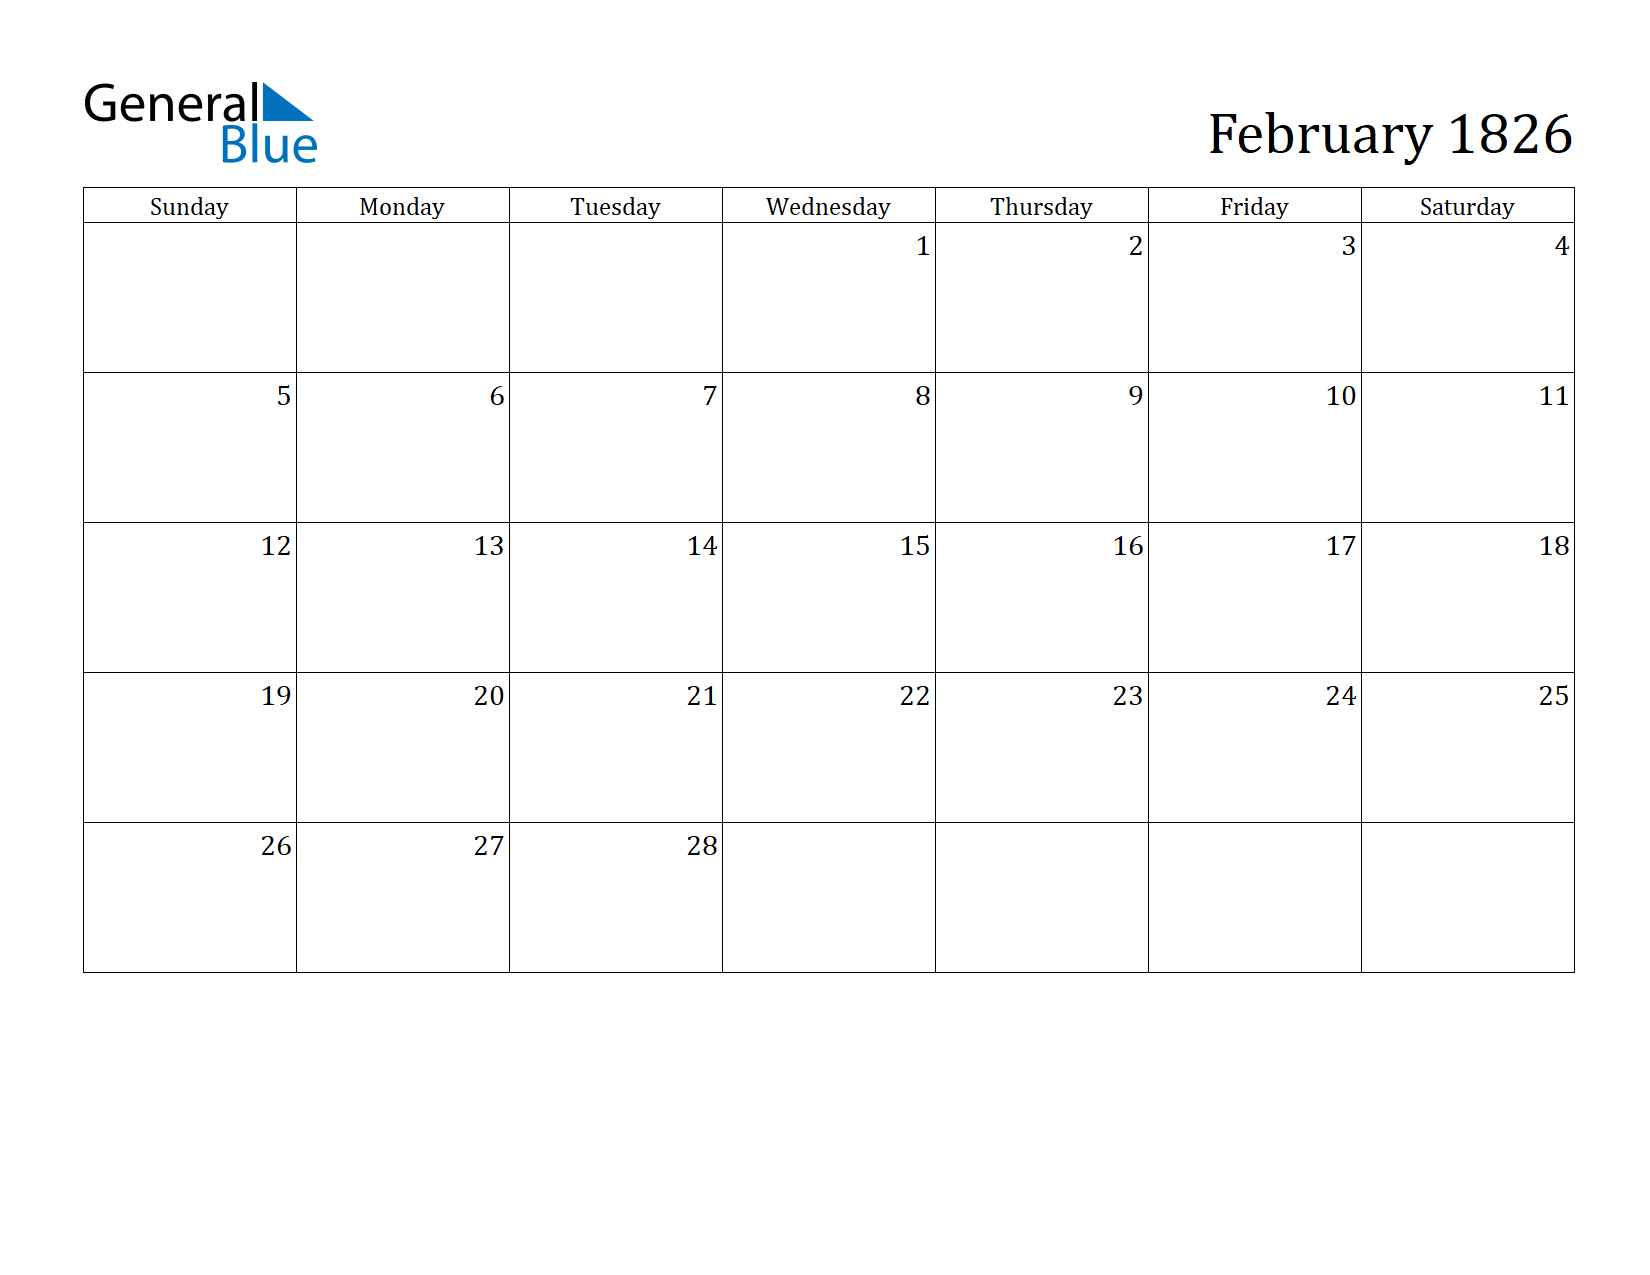 Image of February 1826 Calendar